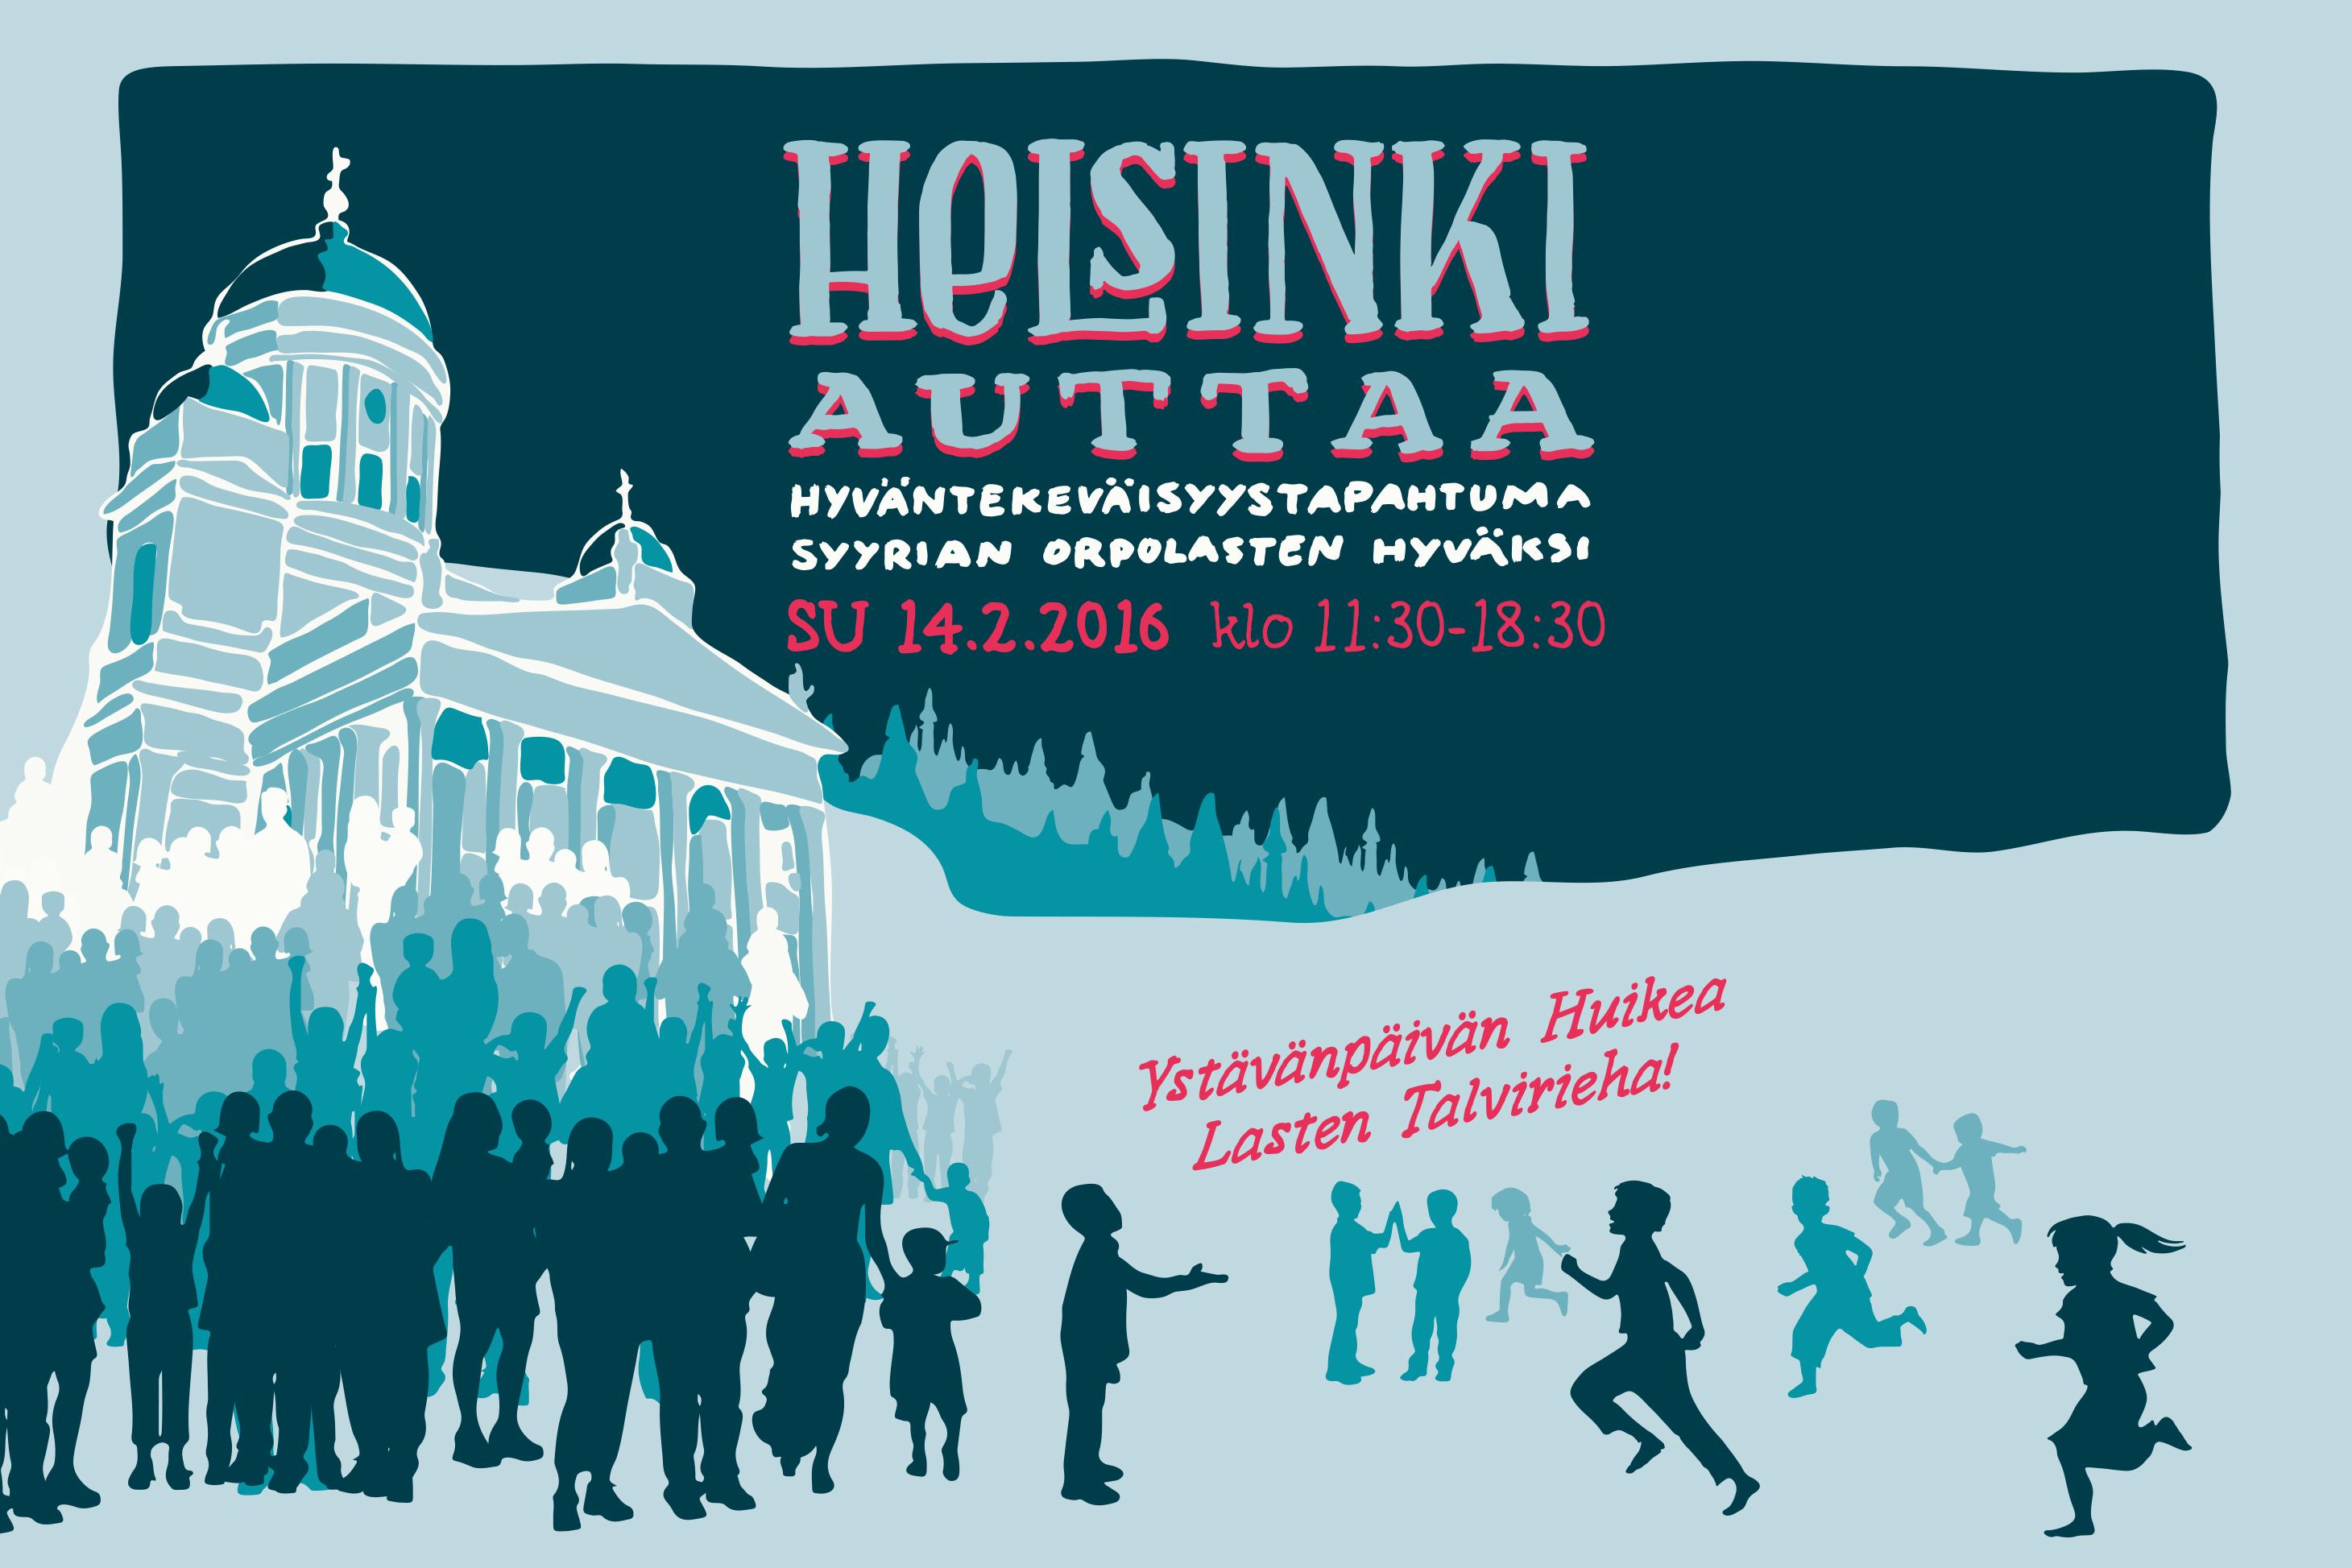 Helsinki-Auttaa_nettisivuille